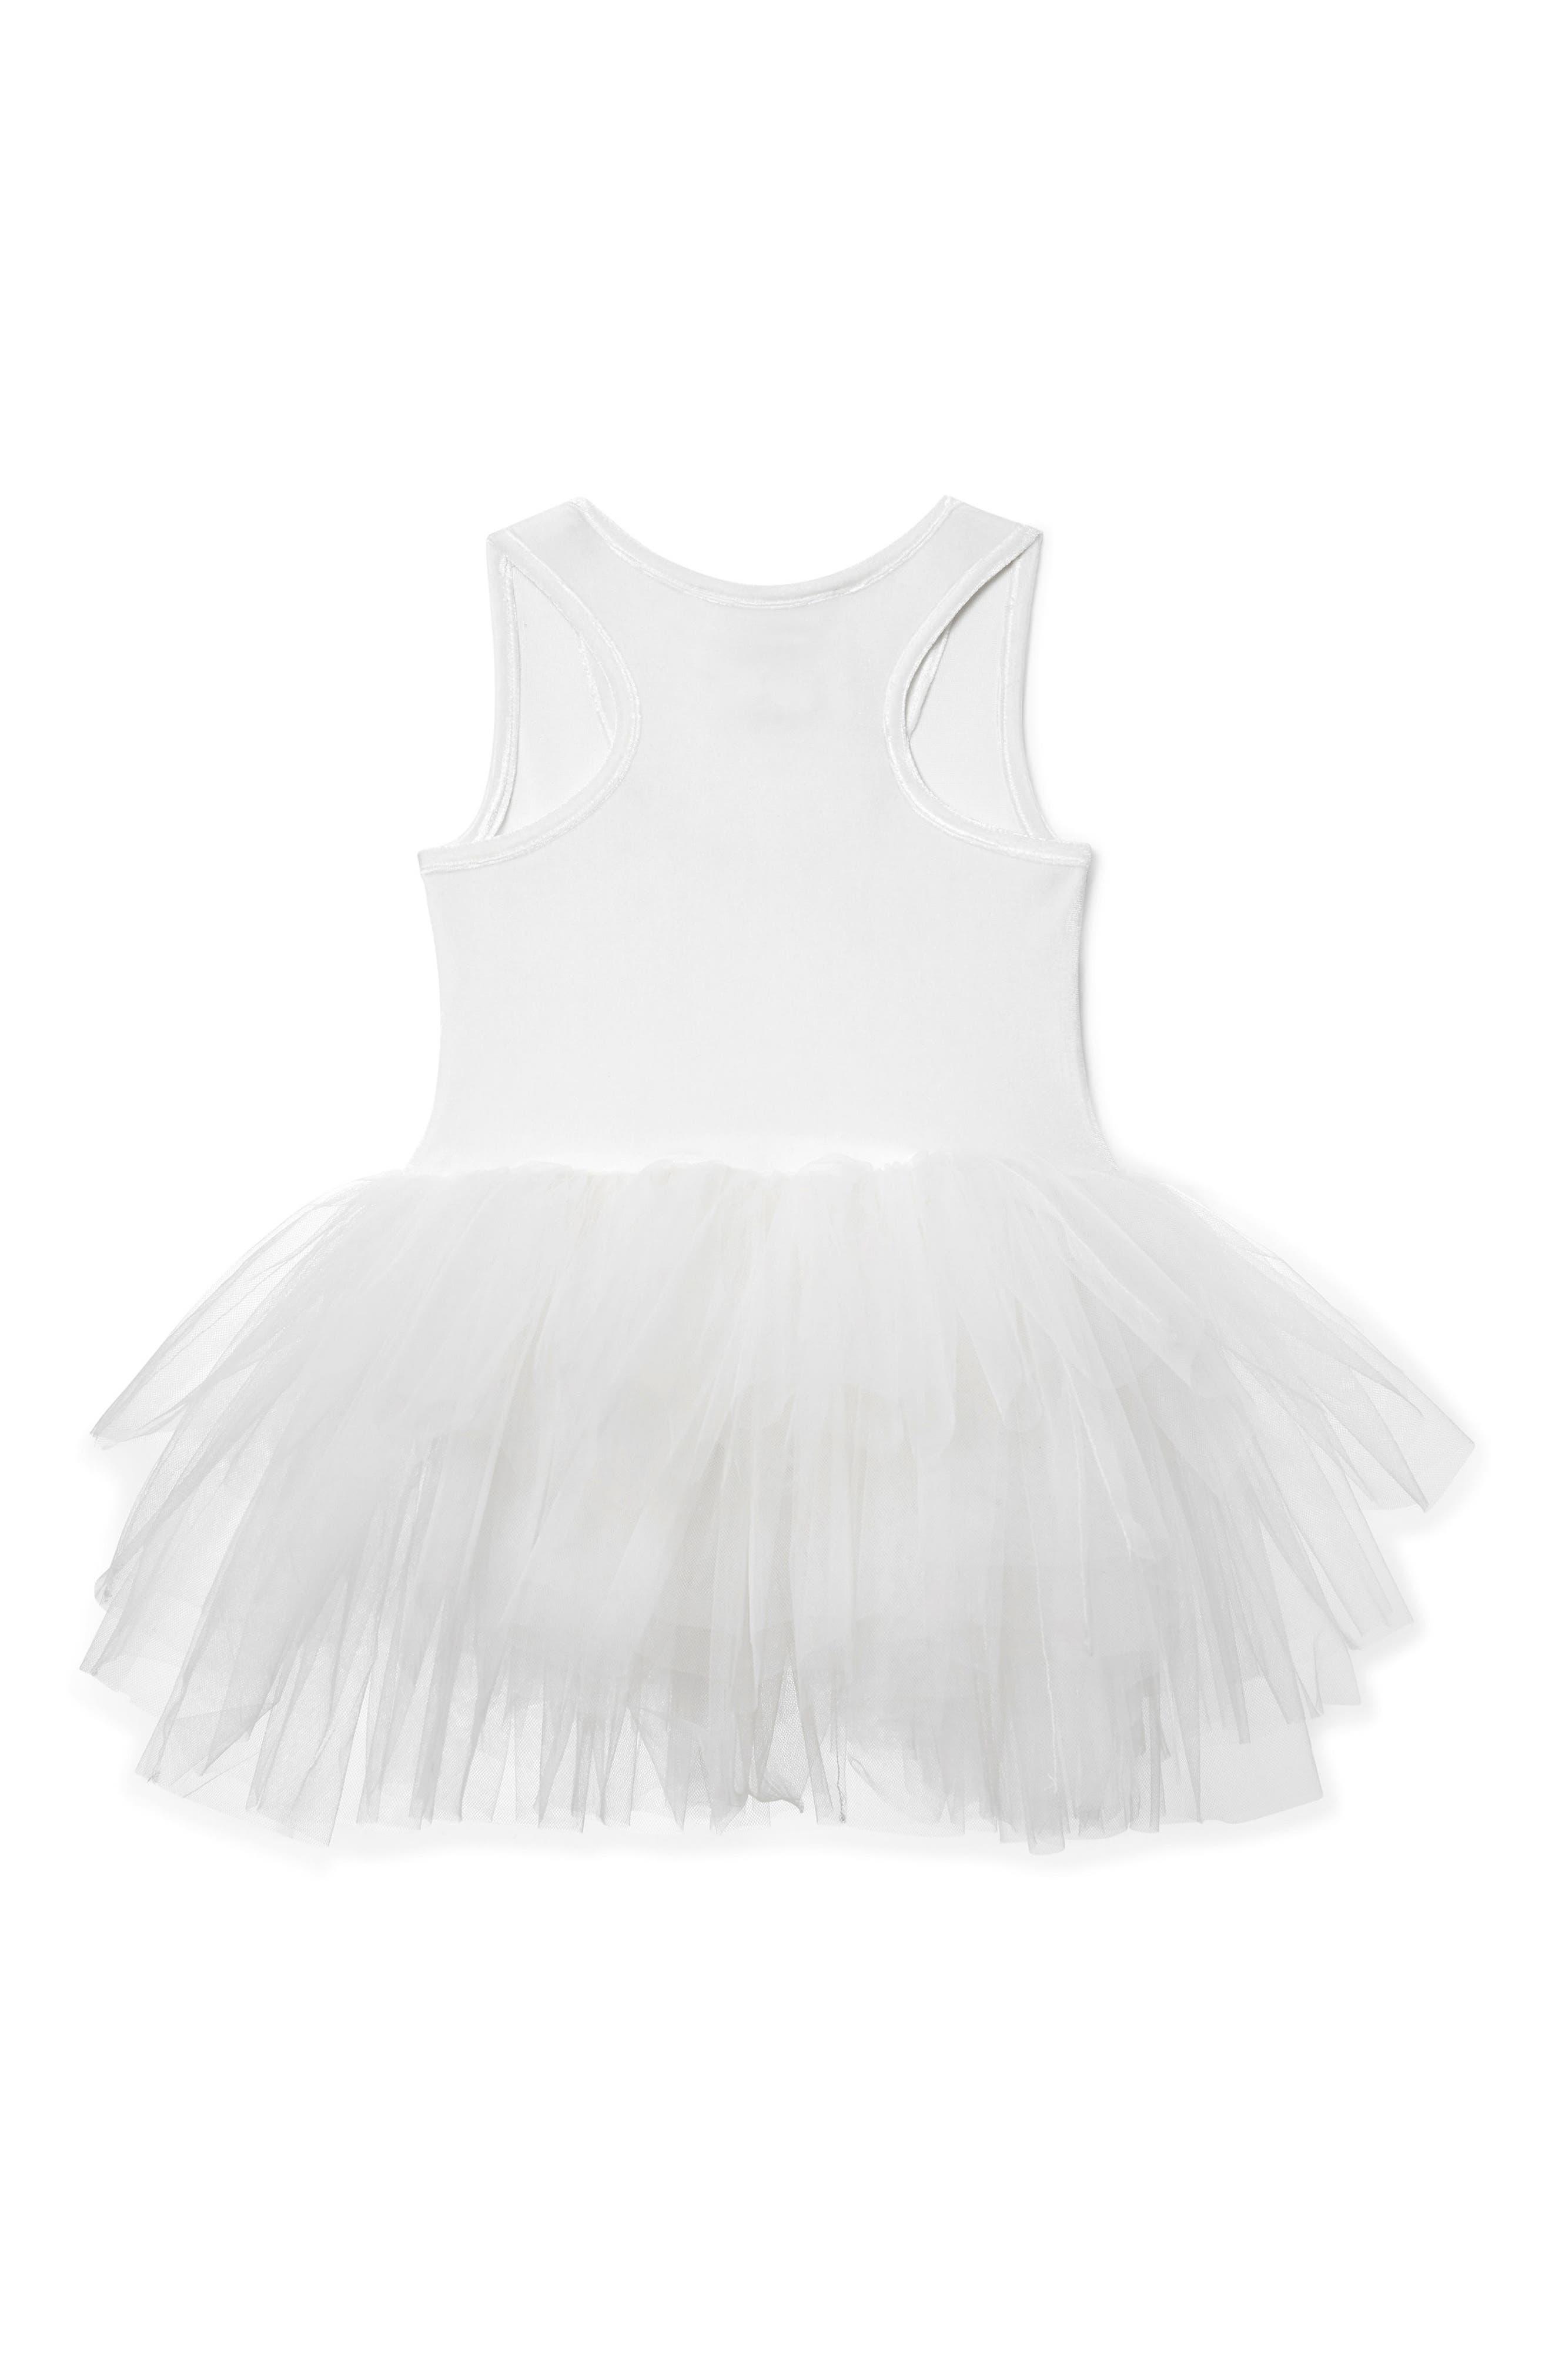 Tutu Dress,                             Alternate thumbnail 2, color,                             White